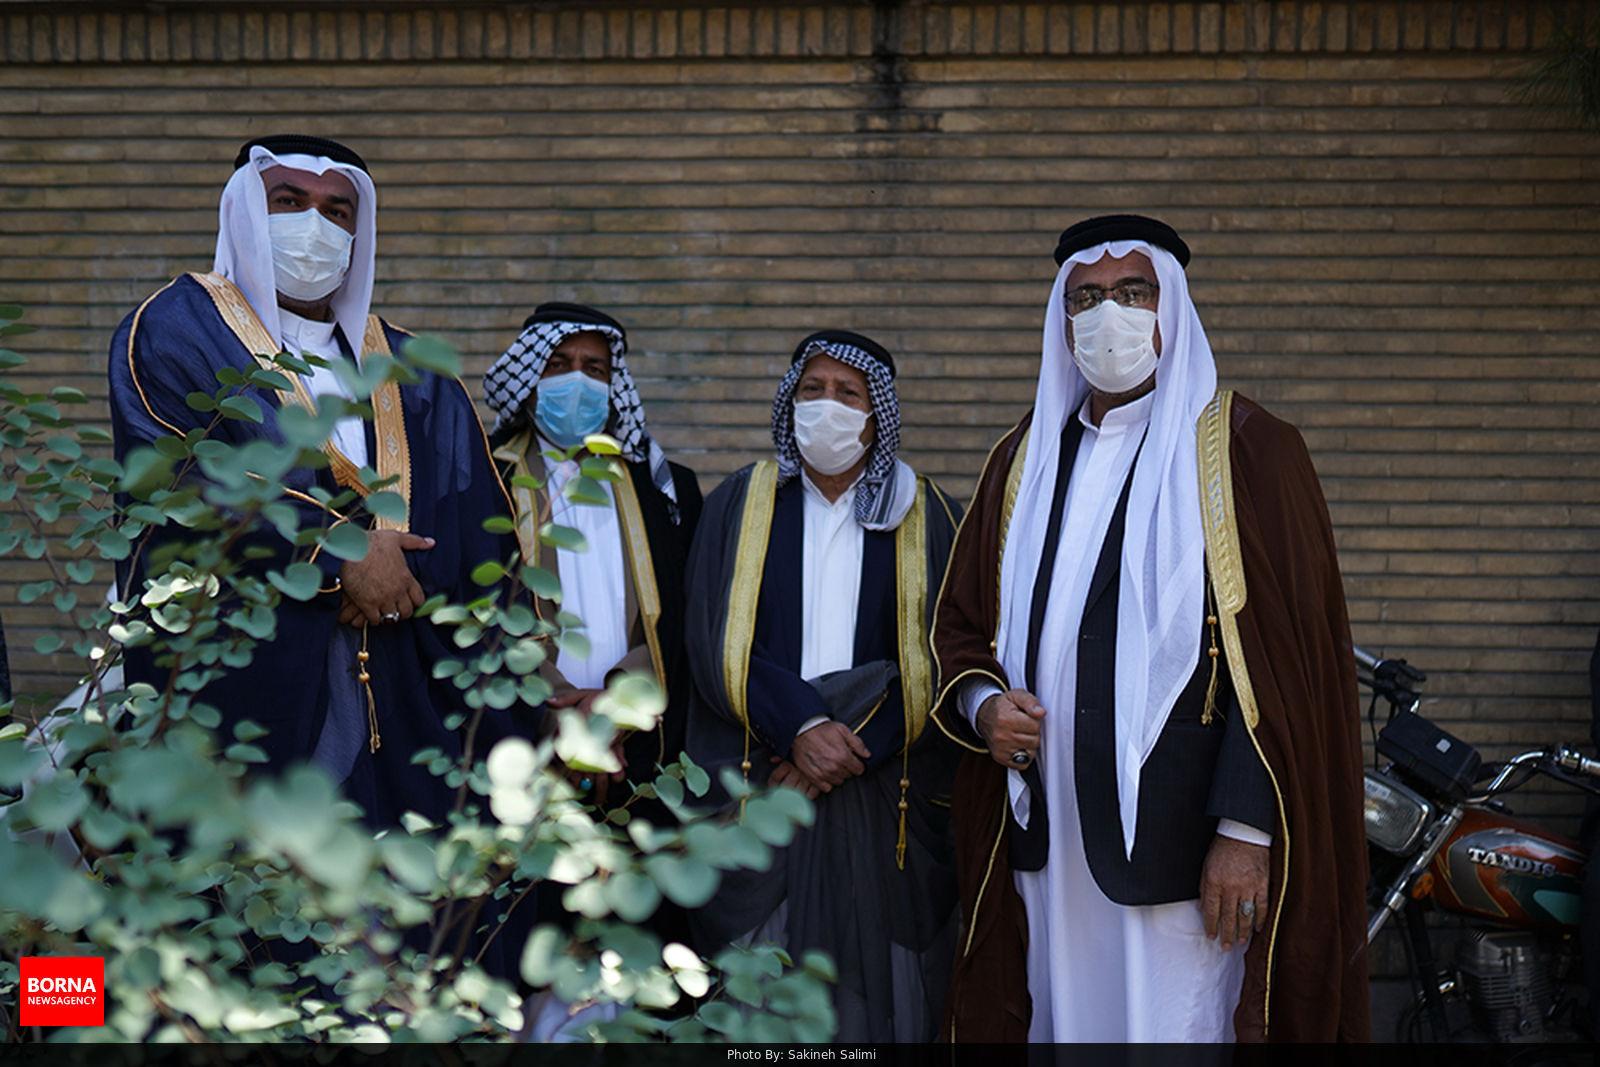 عکس/ در حاشیه آخرین روز ثبت نام انتخابات